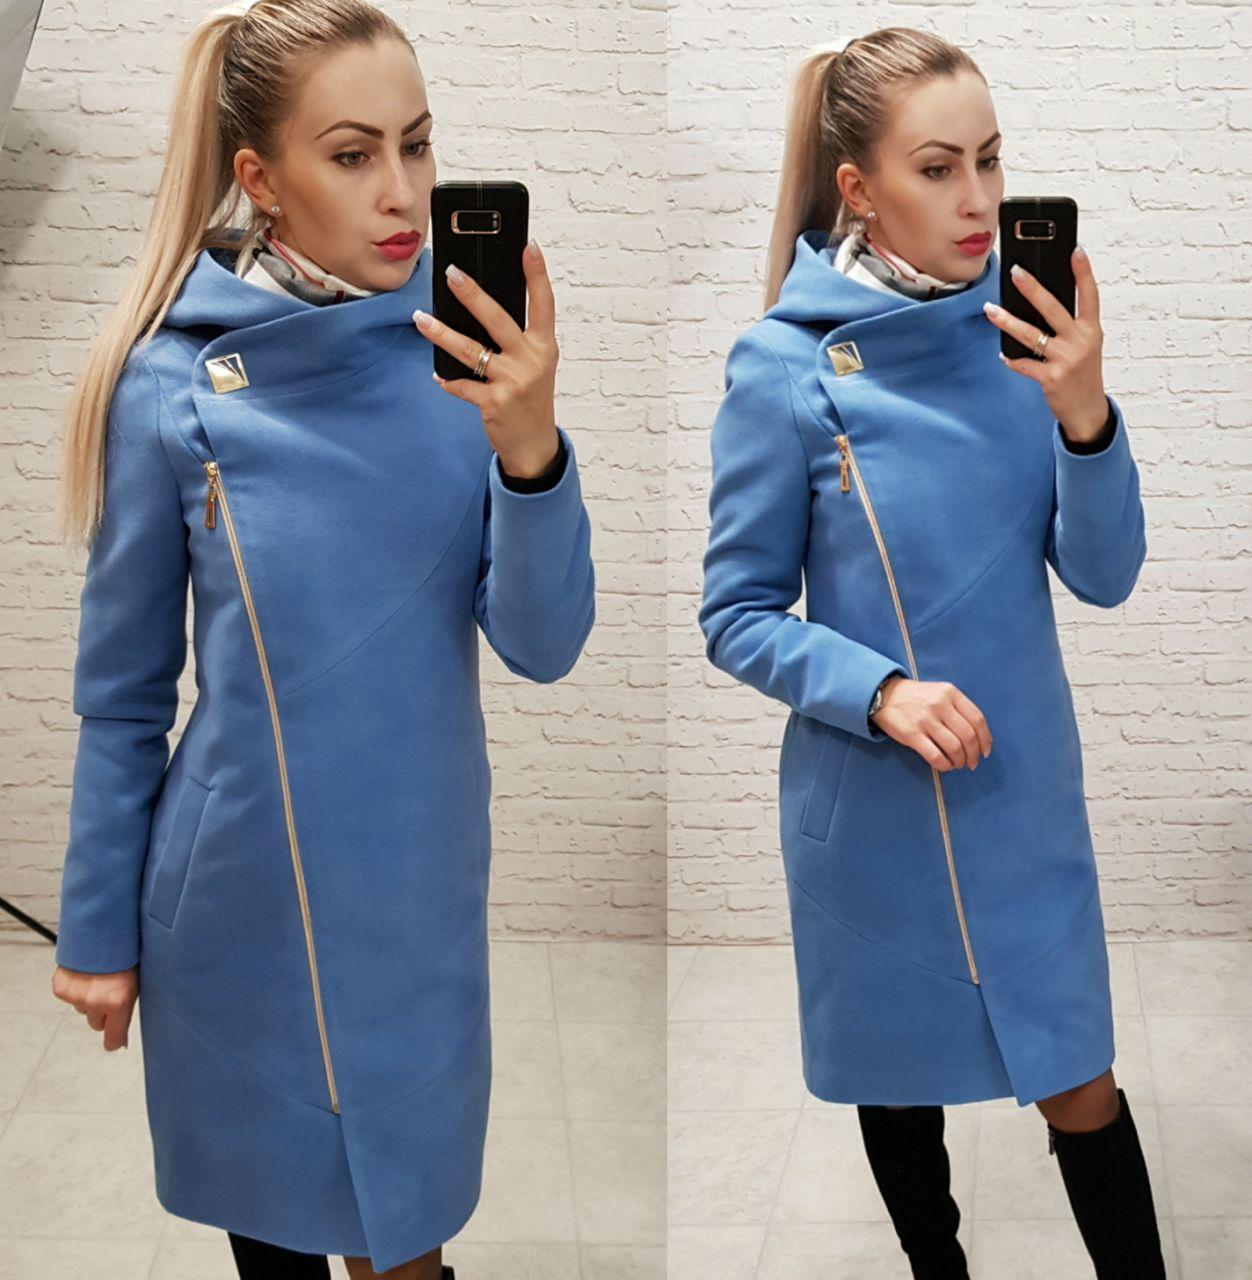 Новинка! Пальто женское с капюшоном, модель  136, голубой